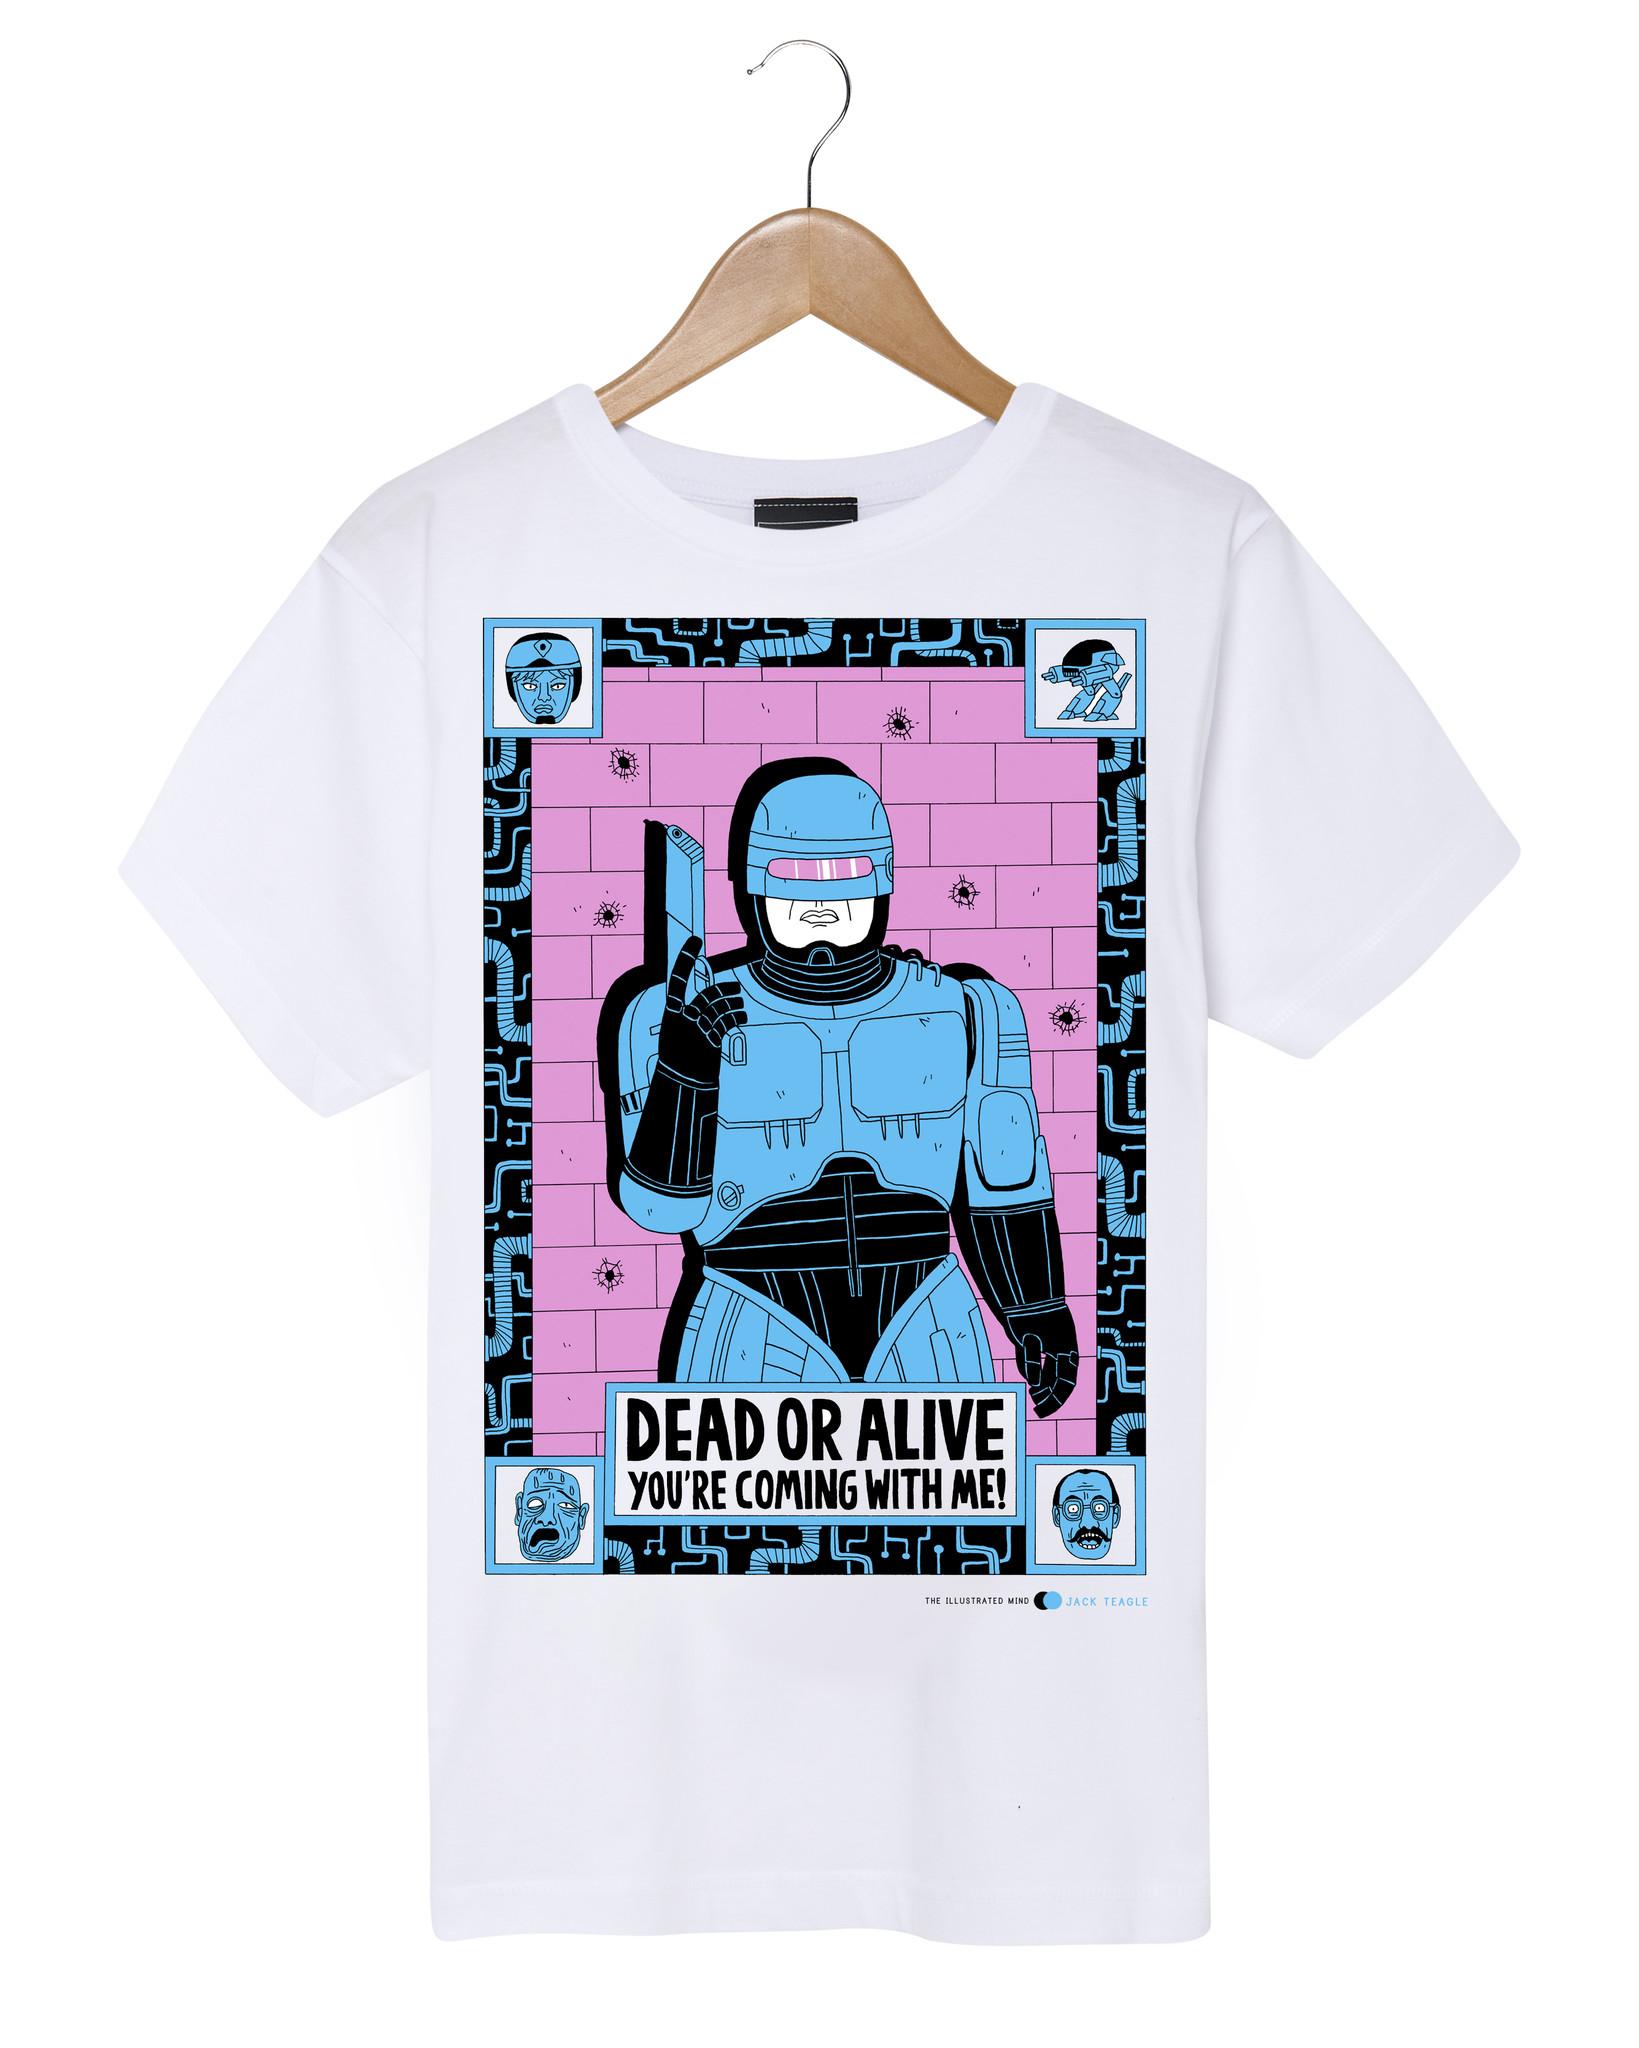 DEAD_OR_ALIVE_MOCK.jpg